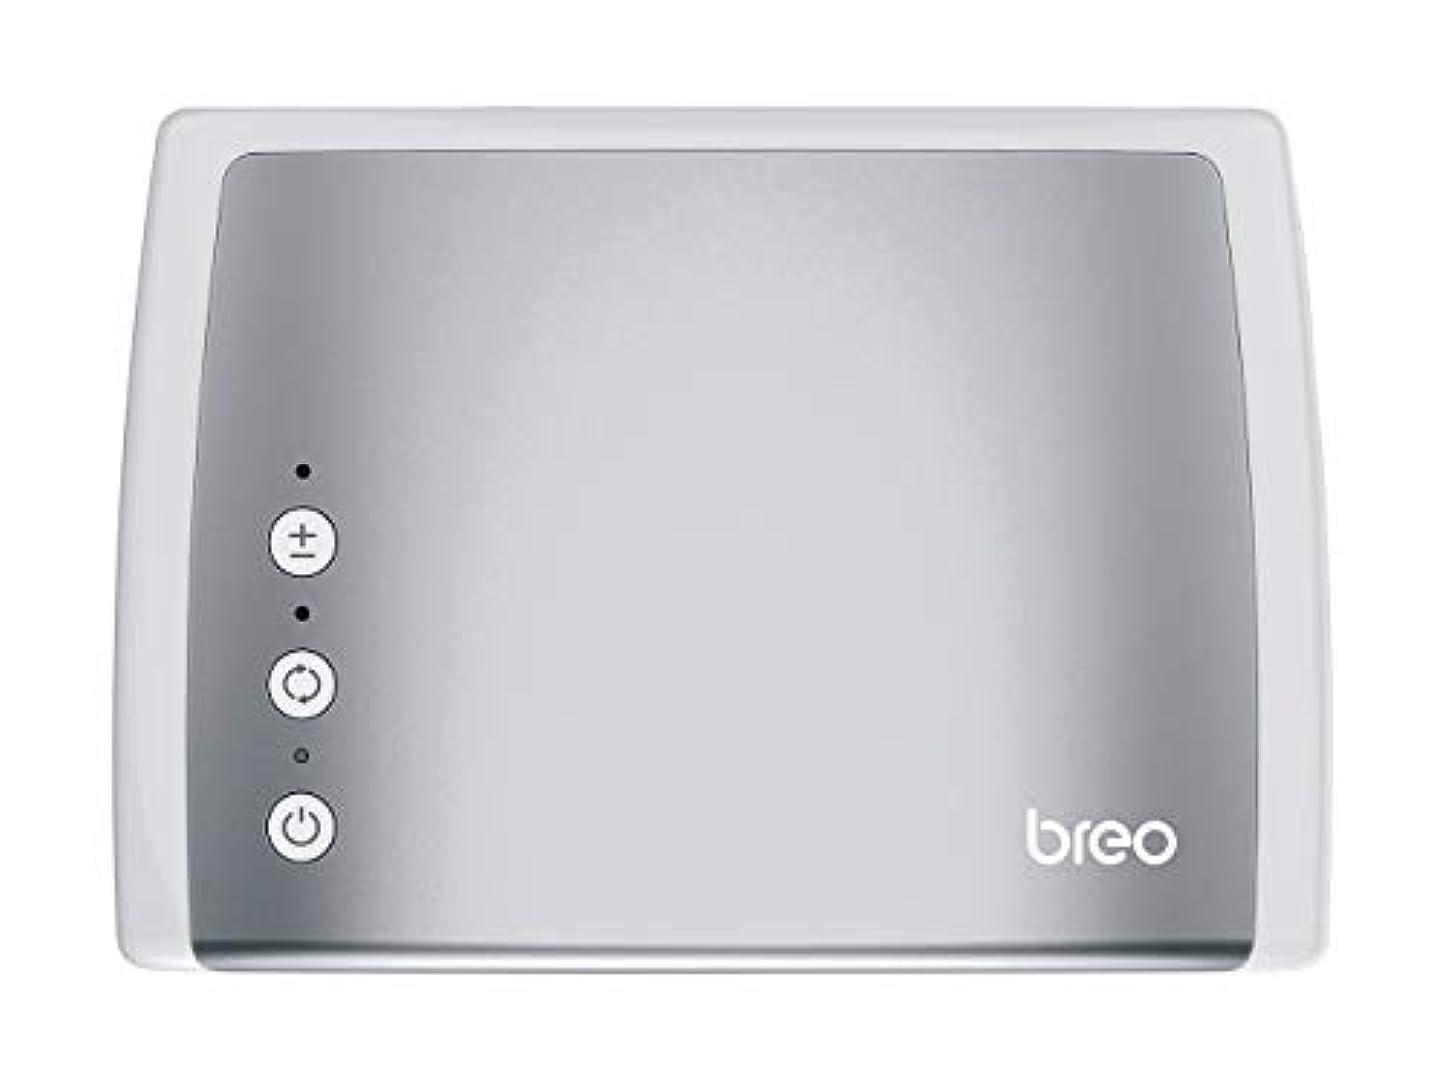 スポンジ雪の実質的ブレオ ハンドマッサージ器breo iPalm 2 BRP3000H